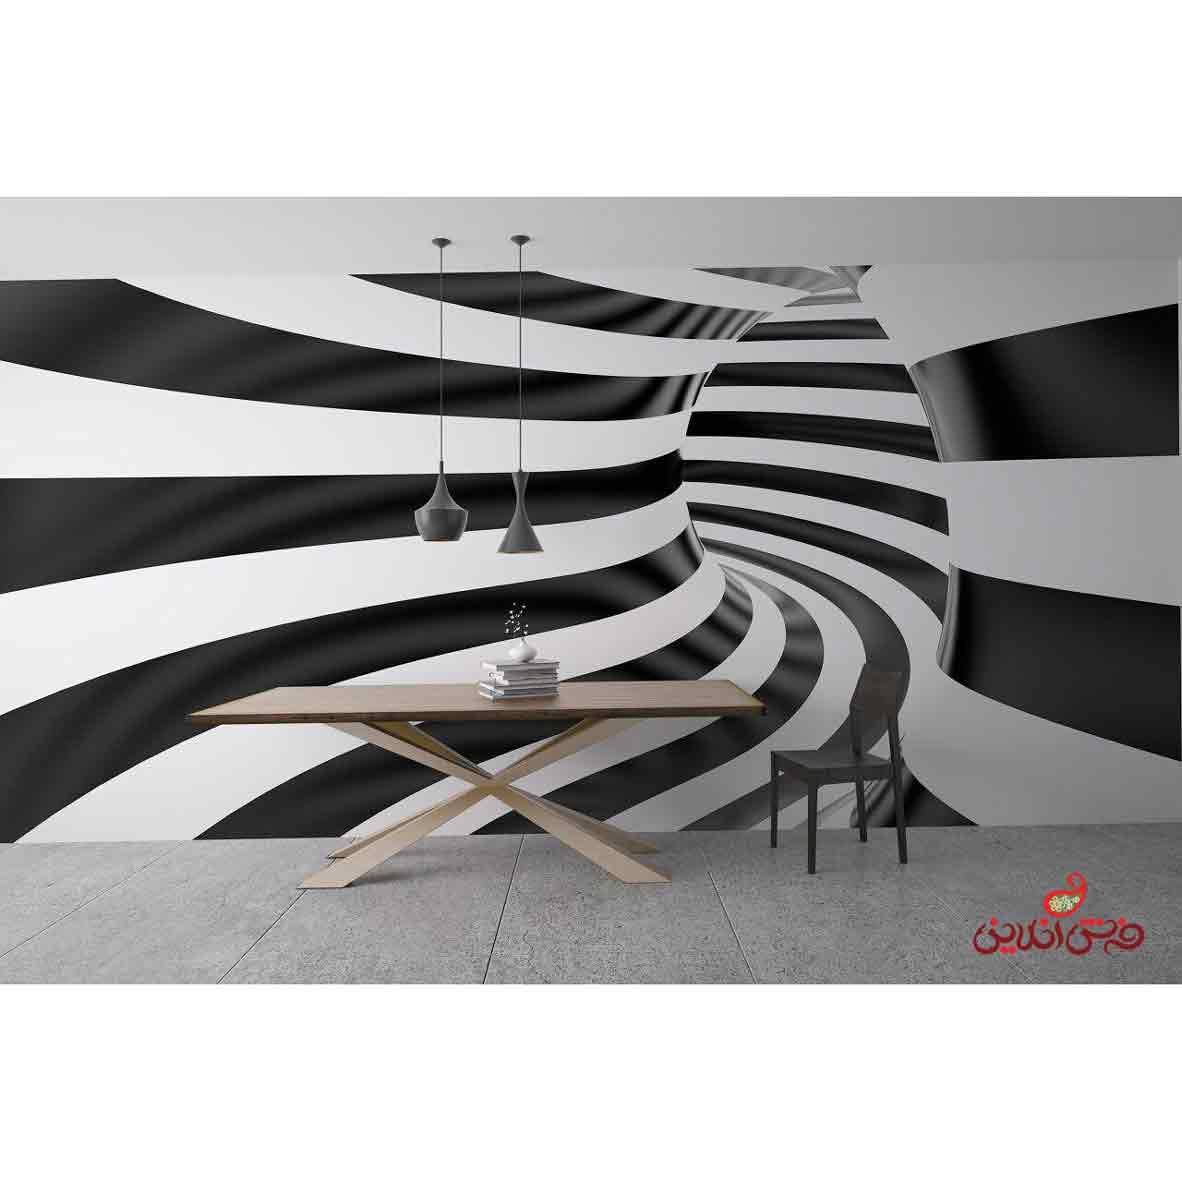 کاغذ دیواری سه بعدی کد1601